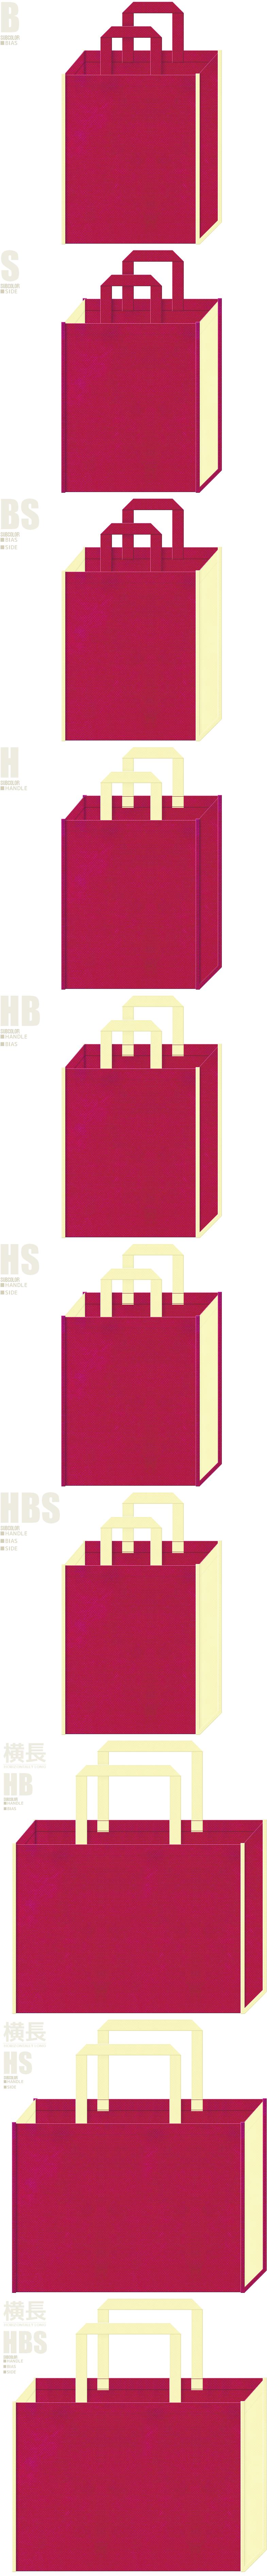 濃いピンク色と薄黄色、7パターンの不織布トートバッグ配色デザイン例。ひな祭りのバッグノベルティにお奨めです。かぐやひめ風。